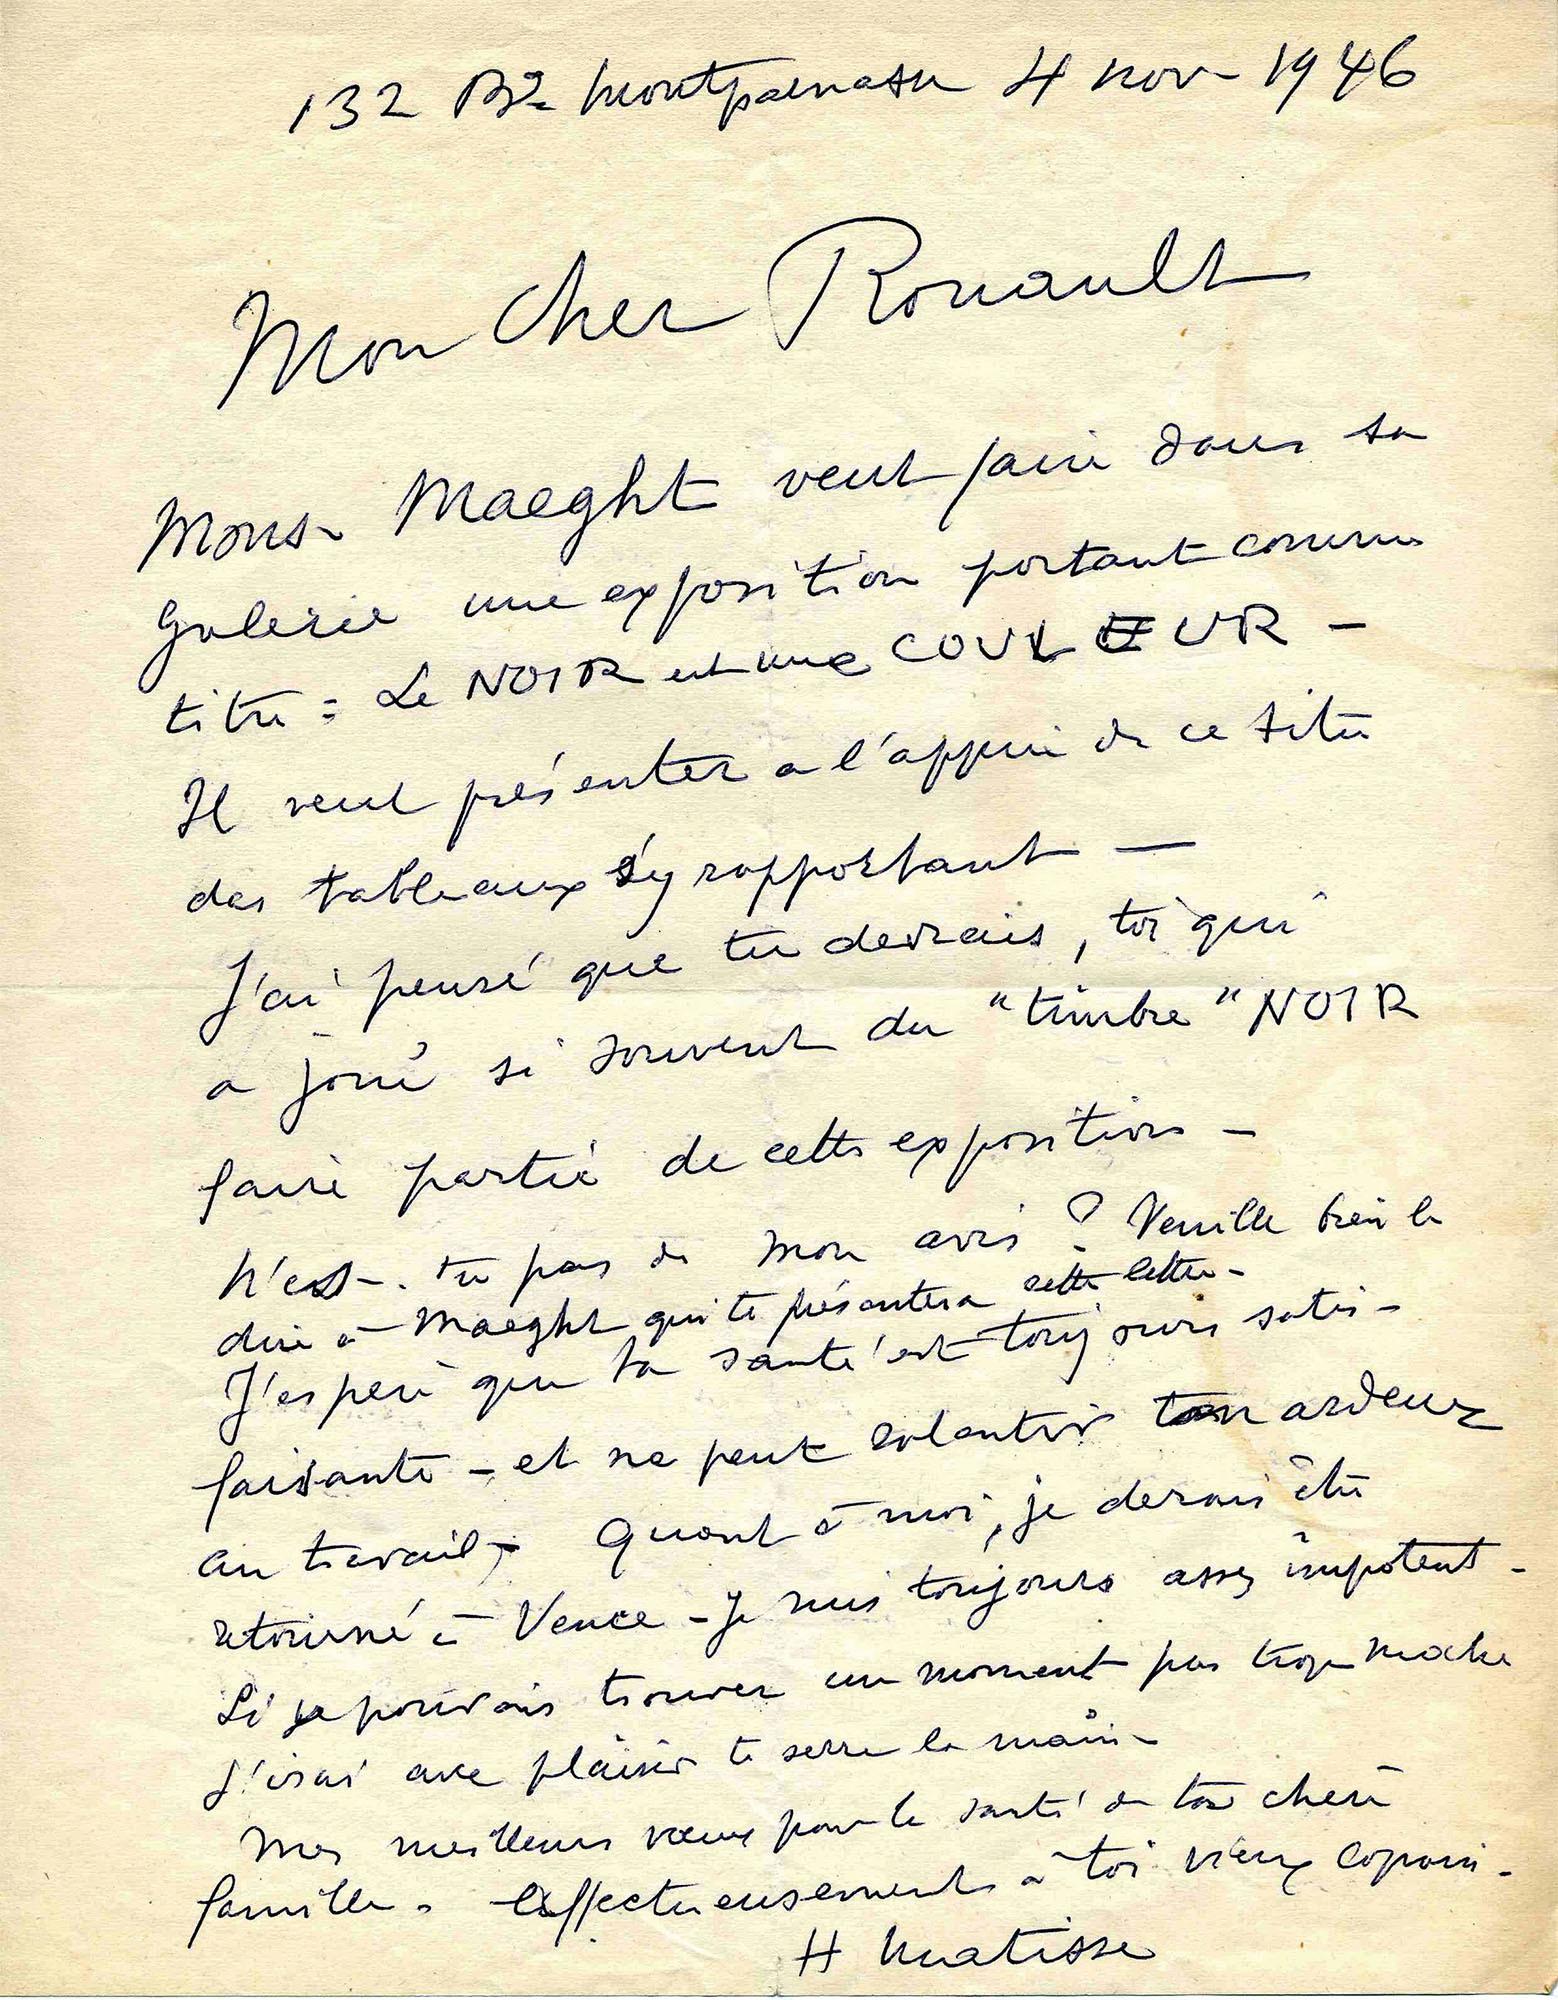 マティスからルオーへの手紙 1946年11月4日 ジョルジュ・ルオー財団、パリ